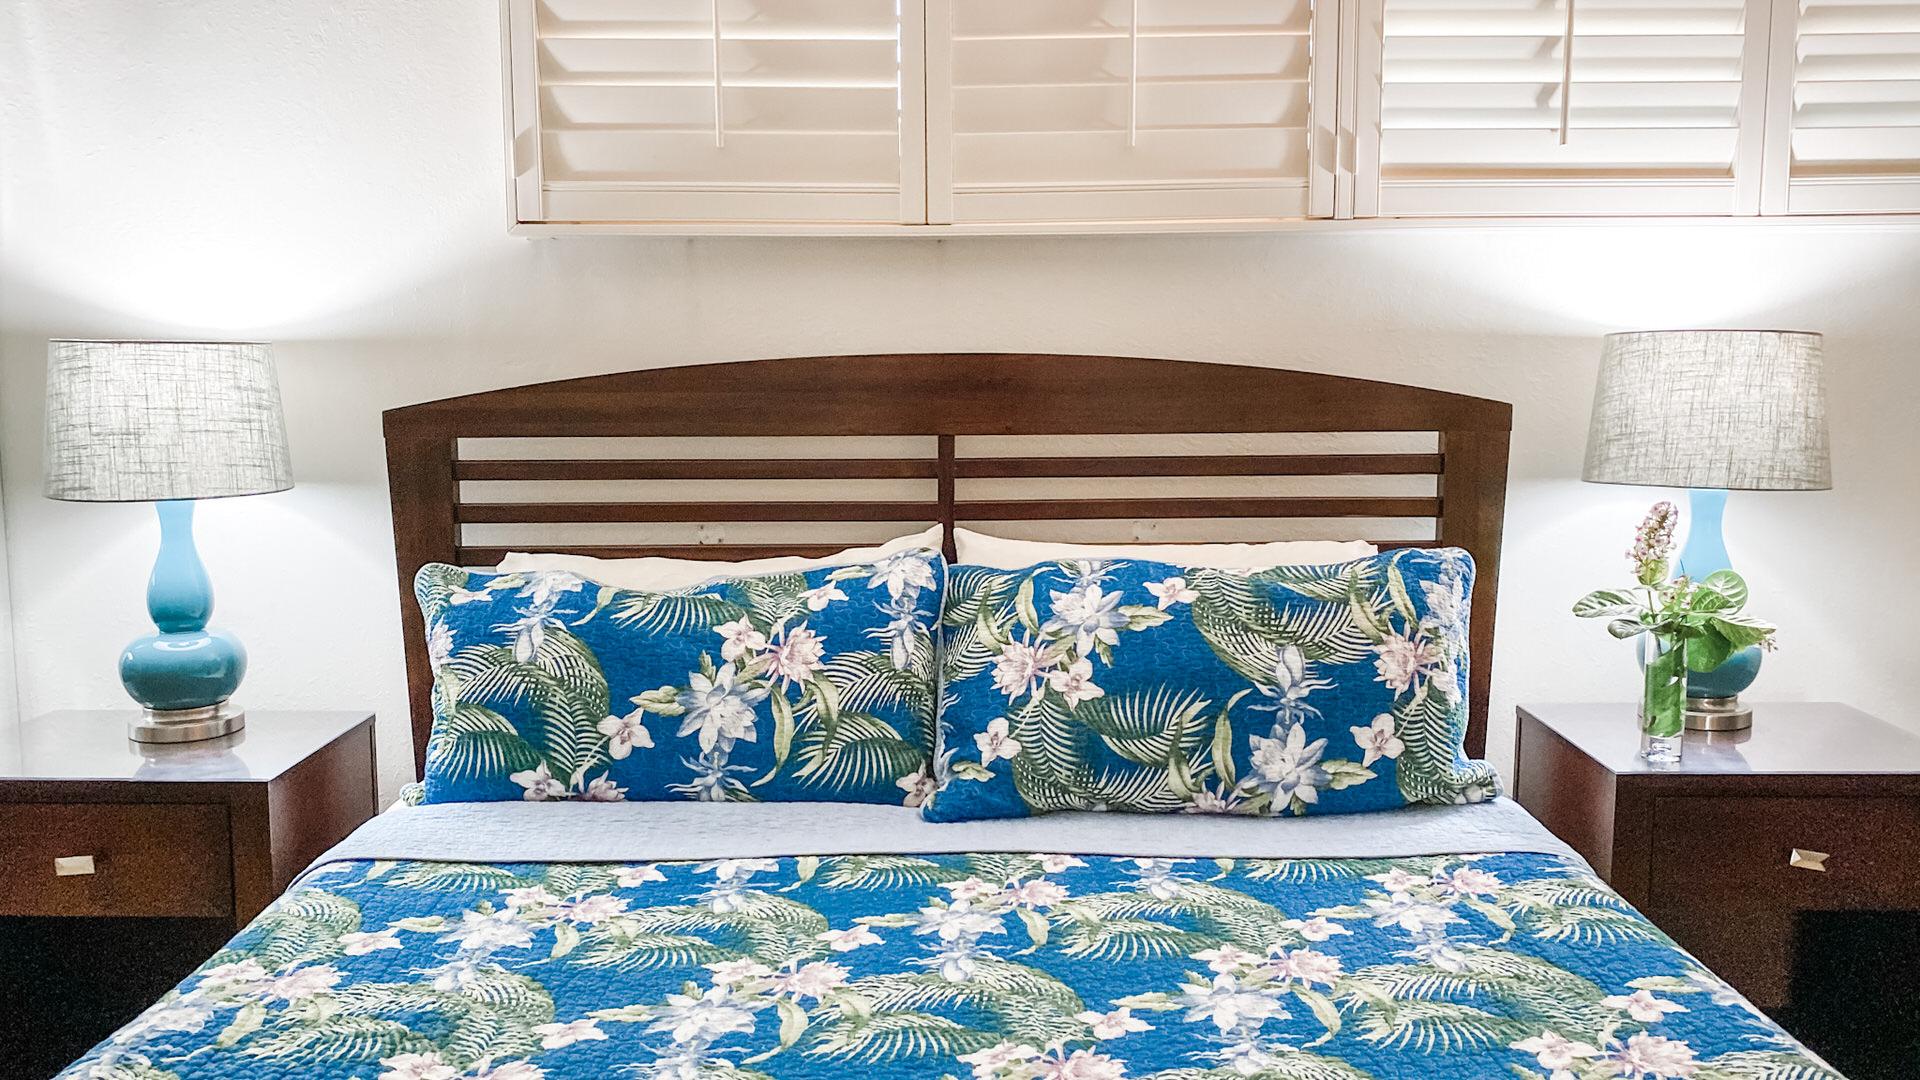 C202 Bedroom